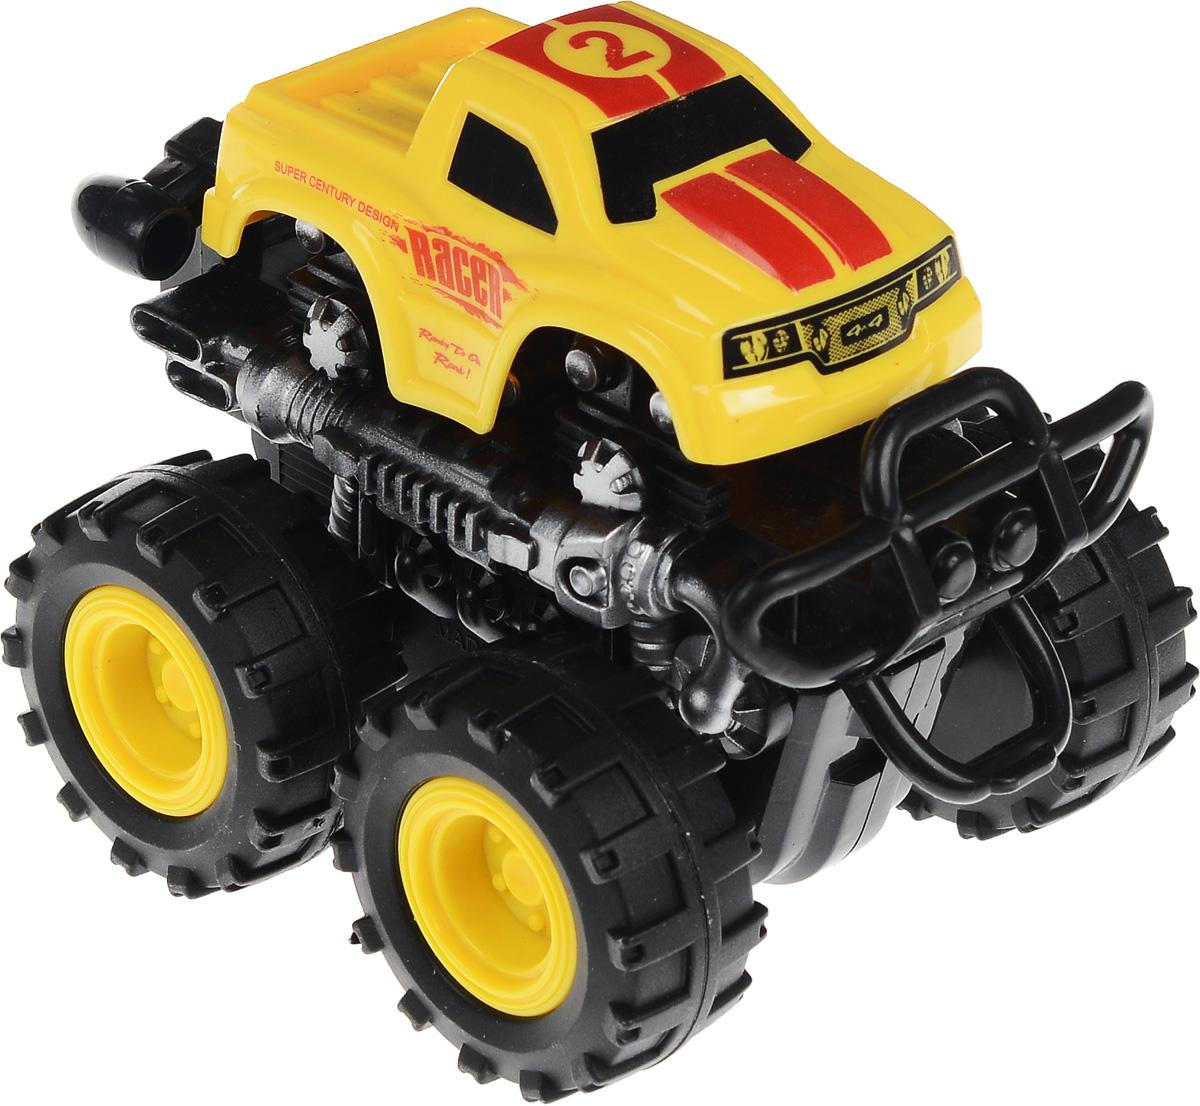 Big Motors Машинка инерционная 4 WD цвет желтый №2 big motors квадроцикл инерционный 4 wd цвет желтый